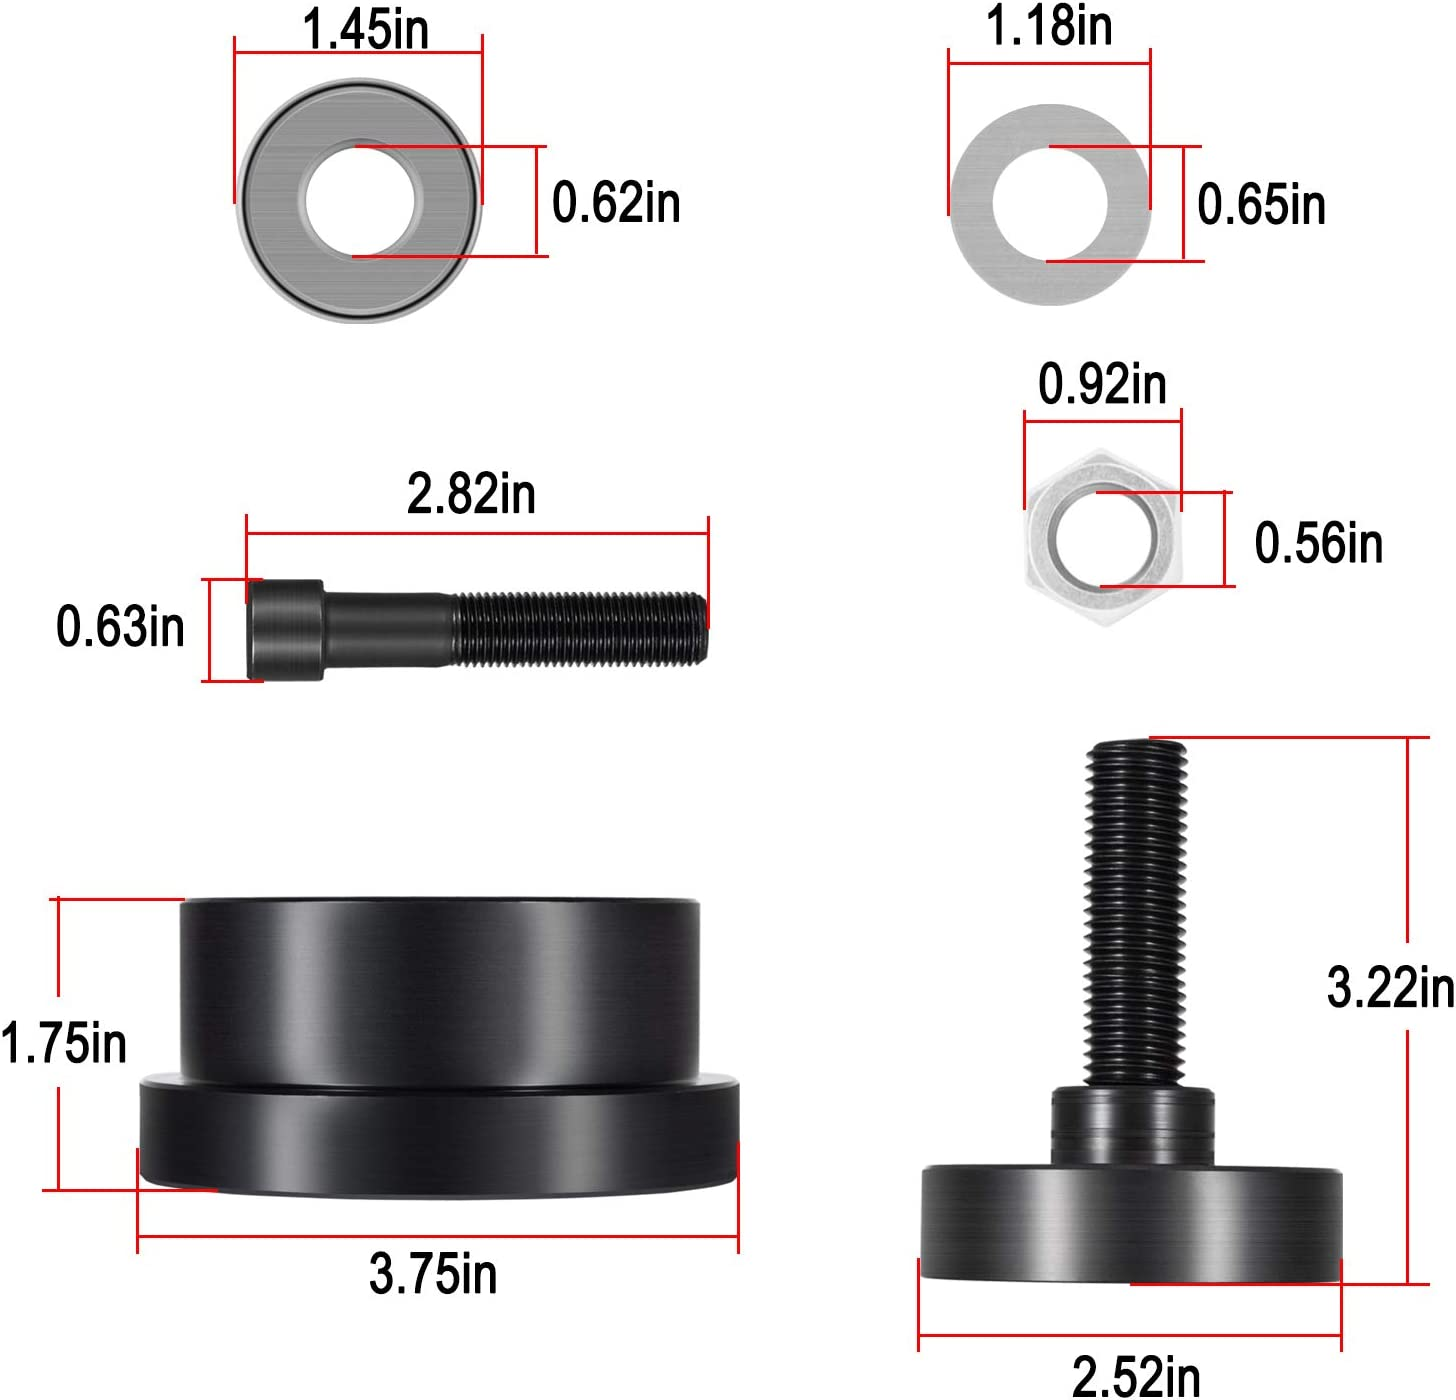 Crankshaft Front Seal Installer Alt 303-1259 ZTSE4691 for 6.4L Powerstroke Diesel F-250//350//450//550 2008-2010